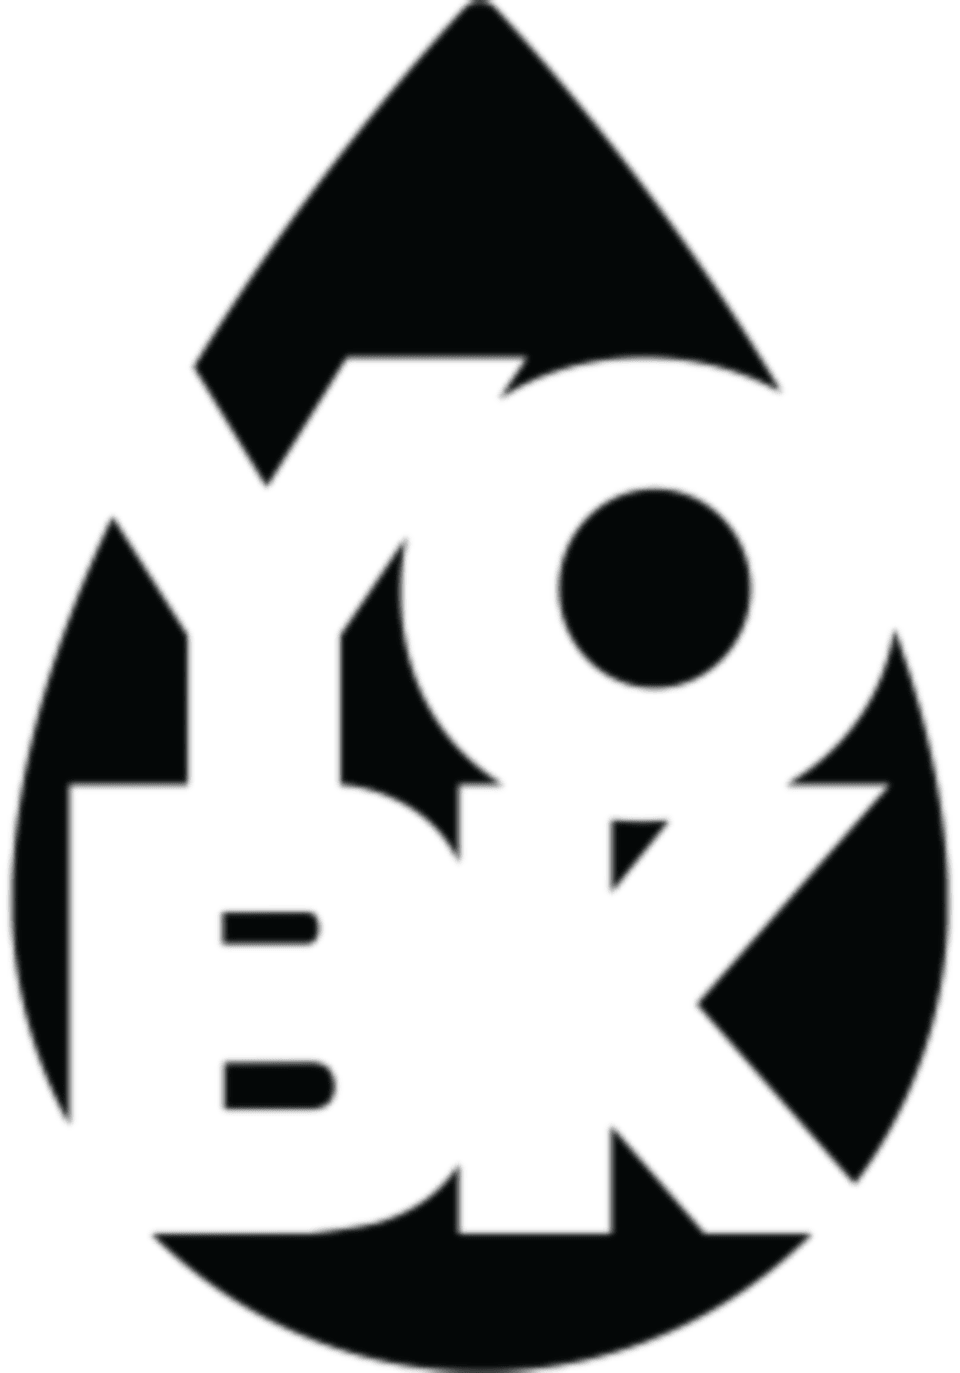 YO BK logo